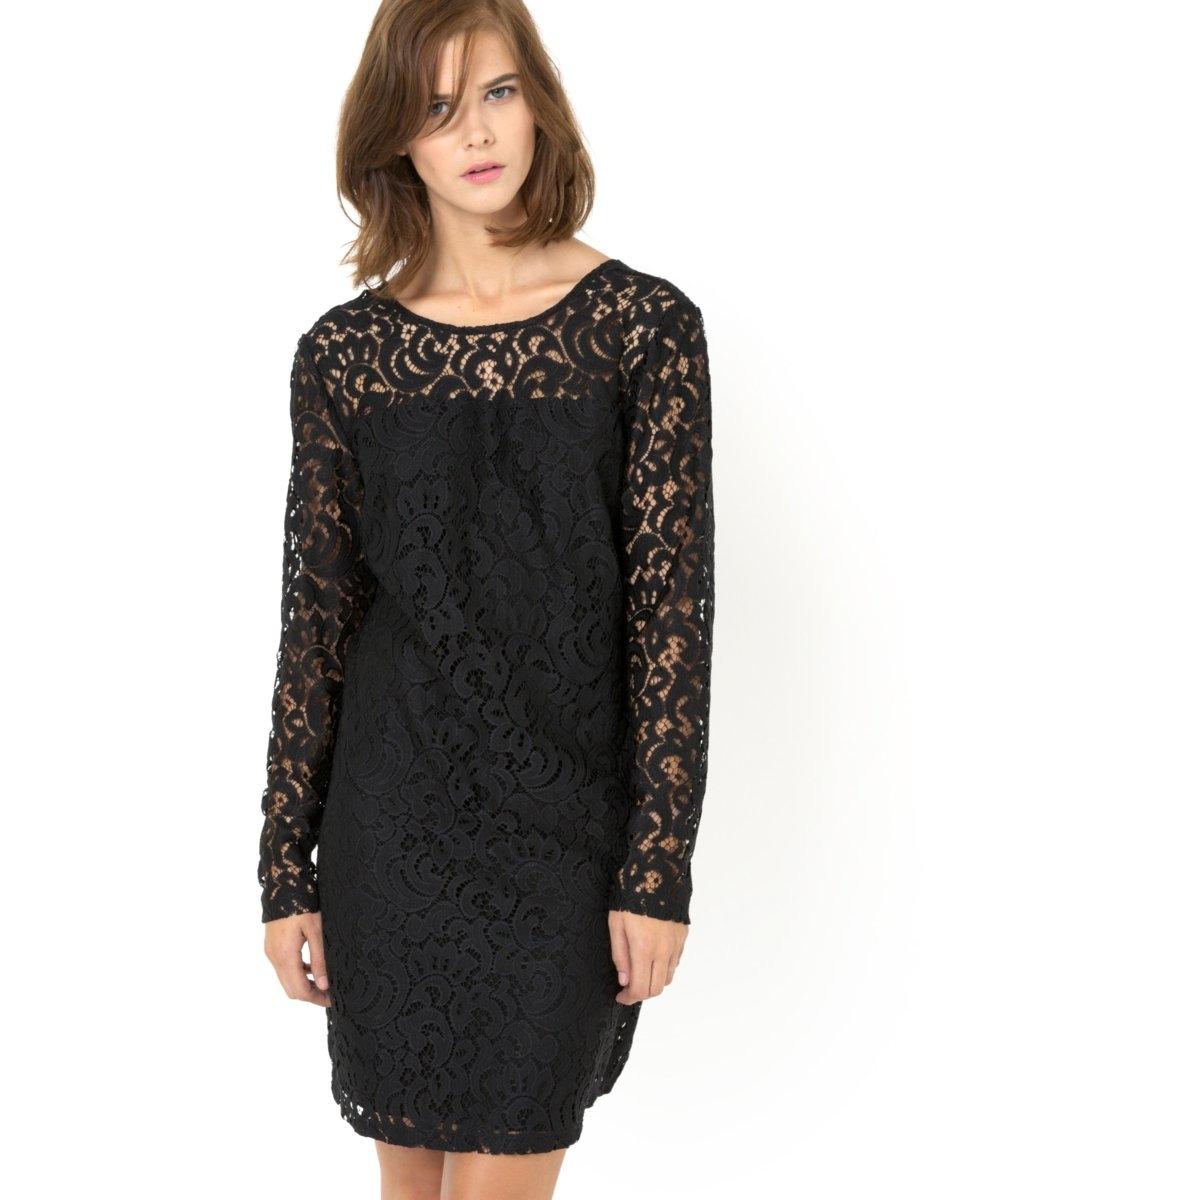 Платье прямое кружевное, длинные рукава, на подкладке, круглый вырезПлатье с длинными рукавами  - VILA. Платье прямого покроя,кружевное, на подкладке. Круглый вырез спереди и V-образный -  сзади. 65% хлопка, 35% полиамида.<br><br>Цвет: черный<br>Размер: XS